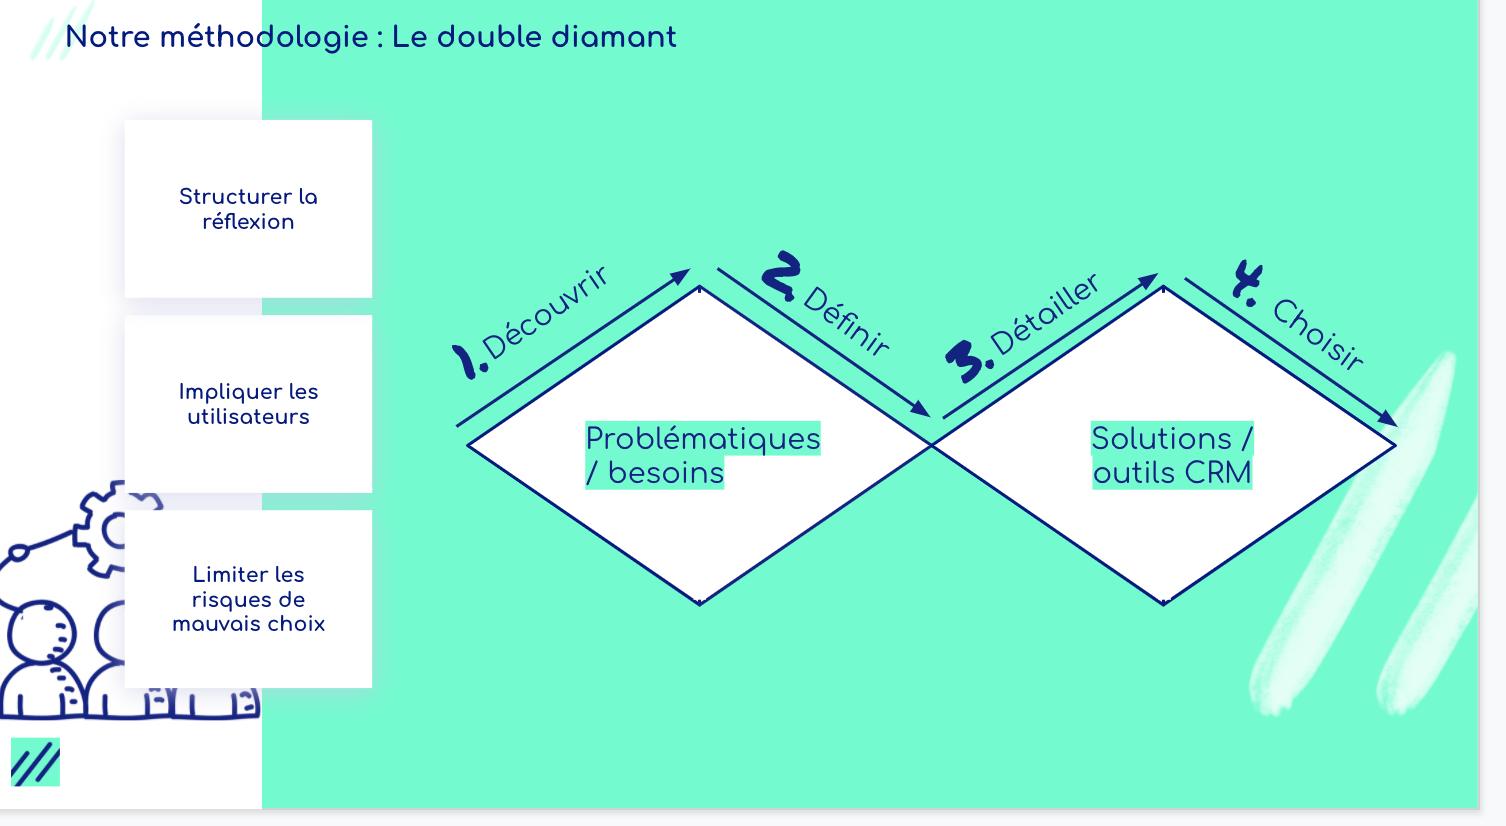 Méthodologie du double diamant